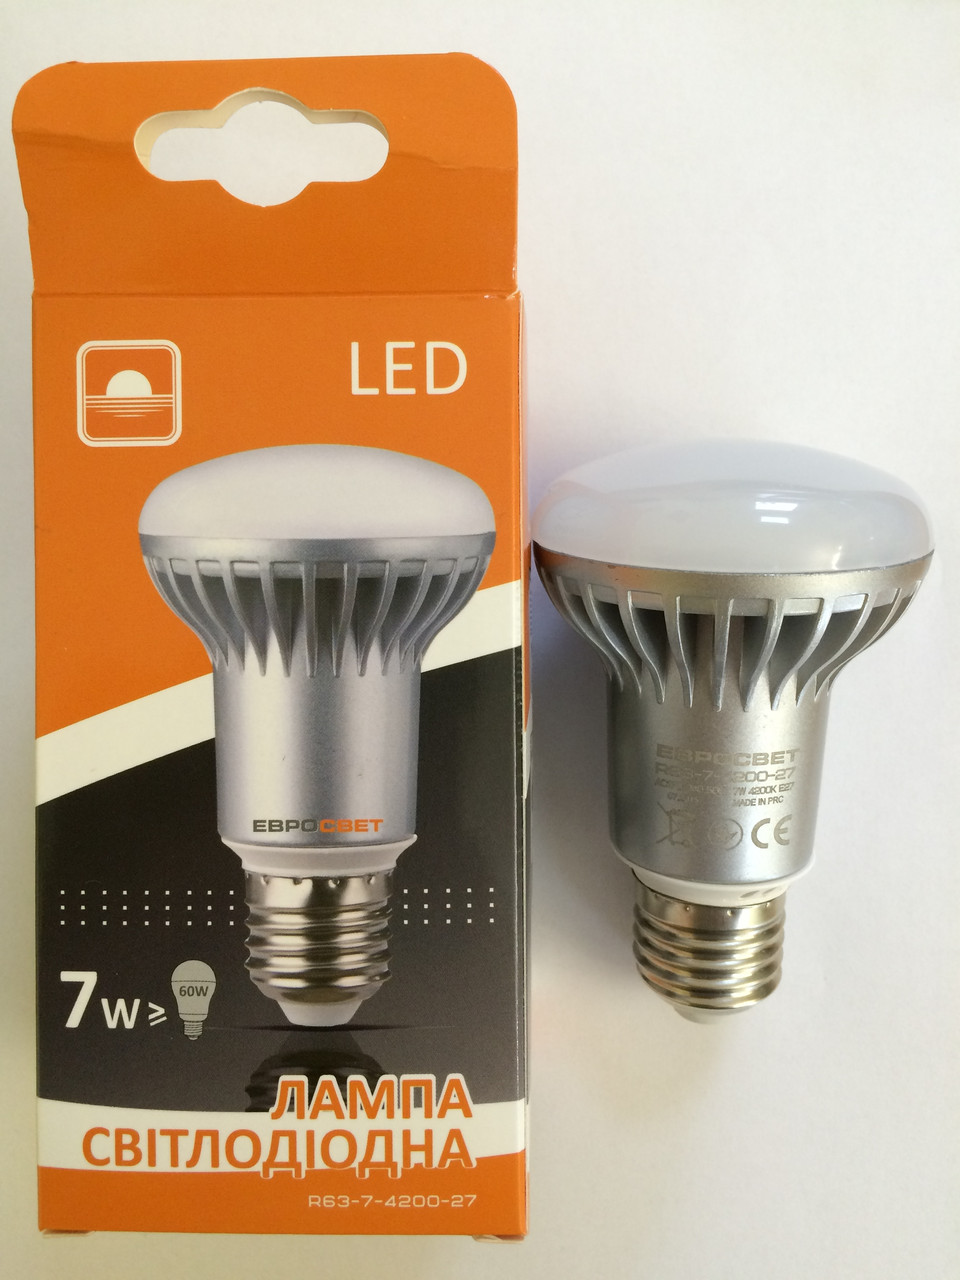 Лампа светодиодная Евросвет R63-7-4200-27 7вт 170-240V